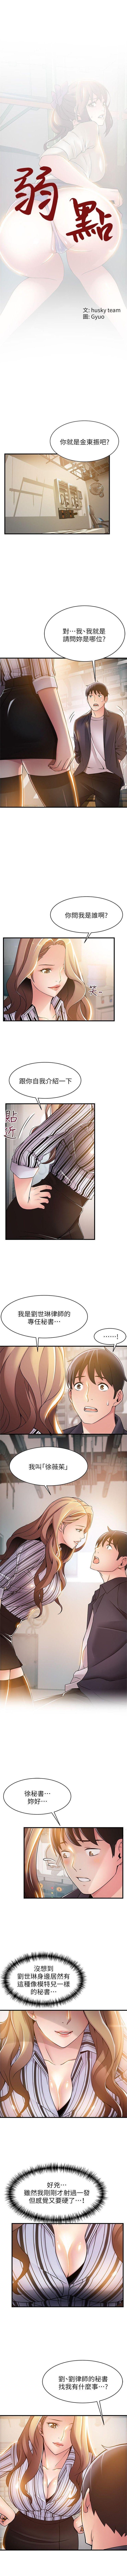 弱点 1-64 中文翻译(更新中) 100